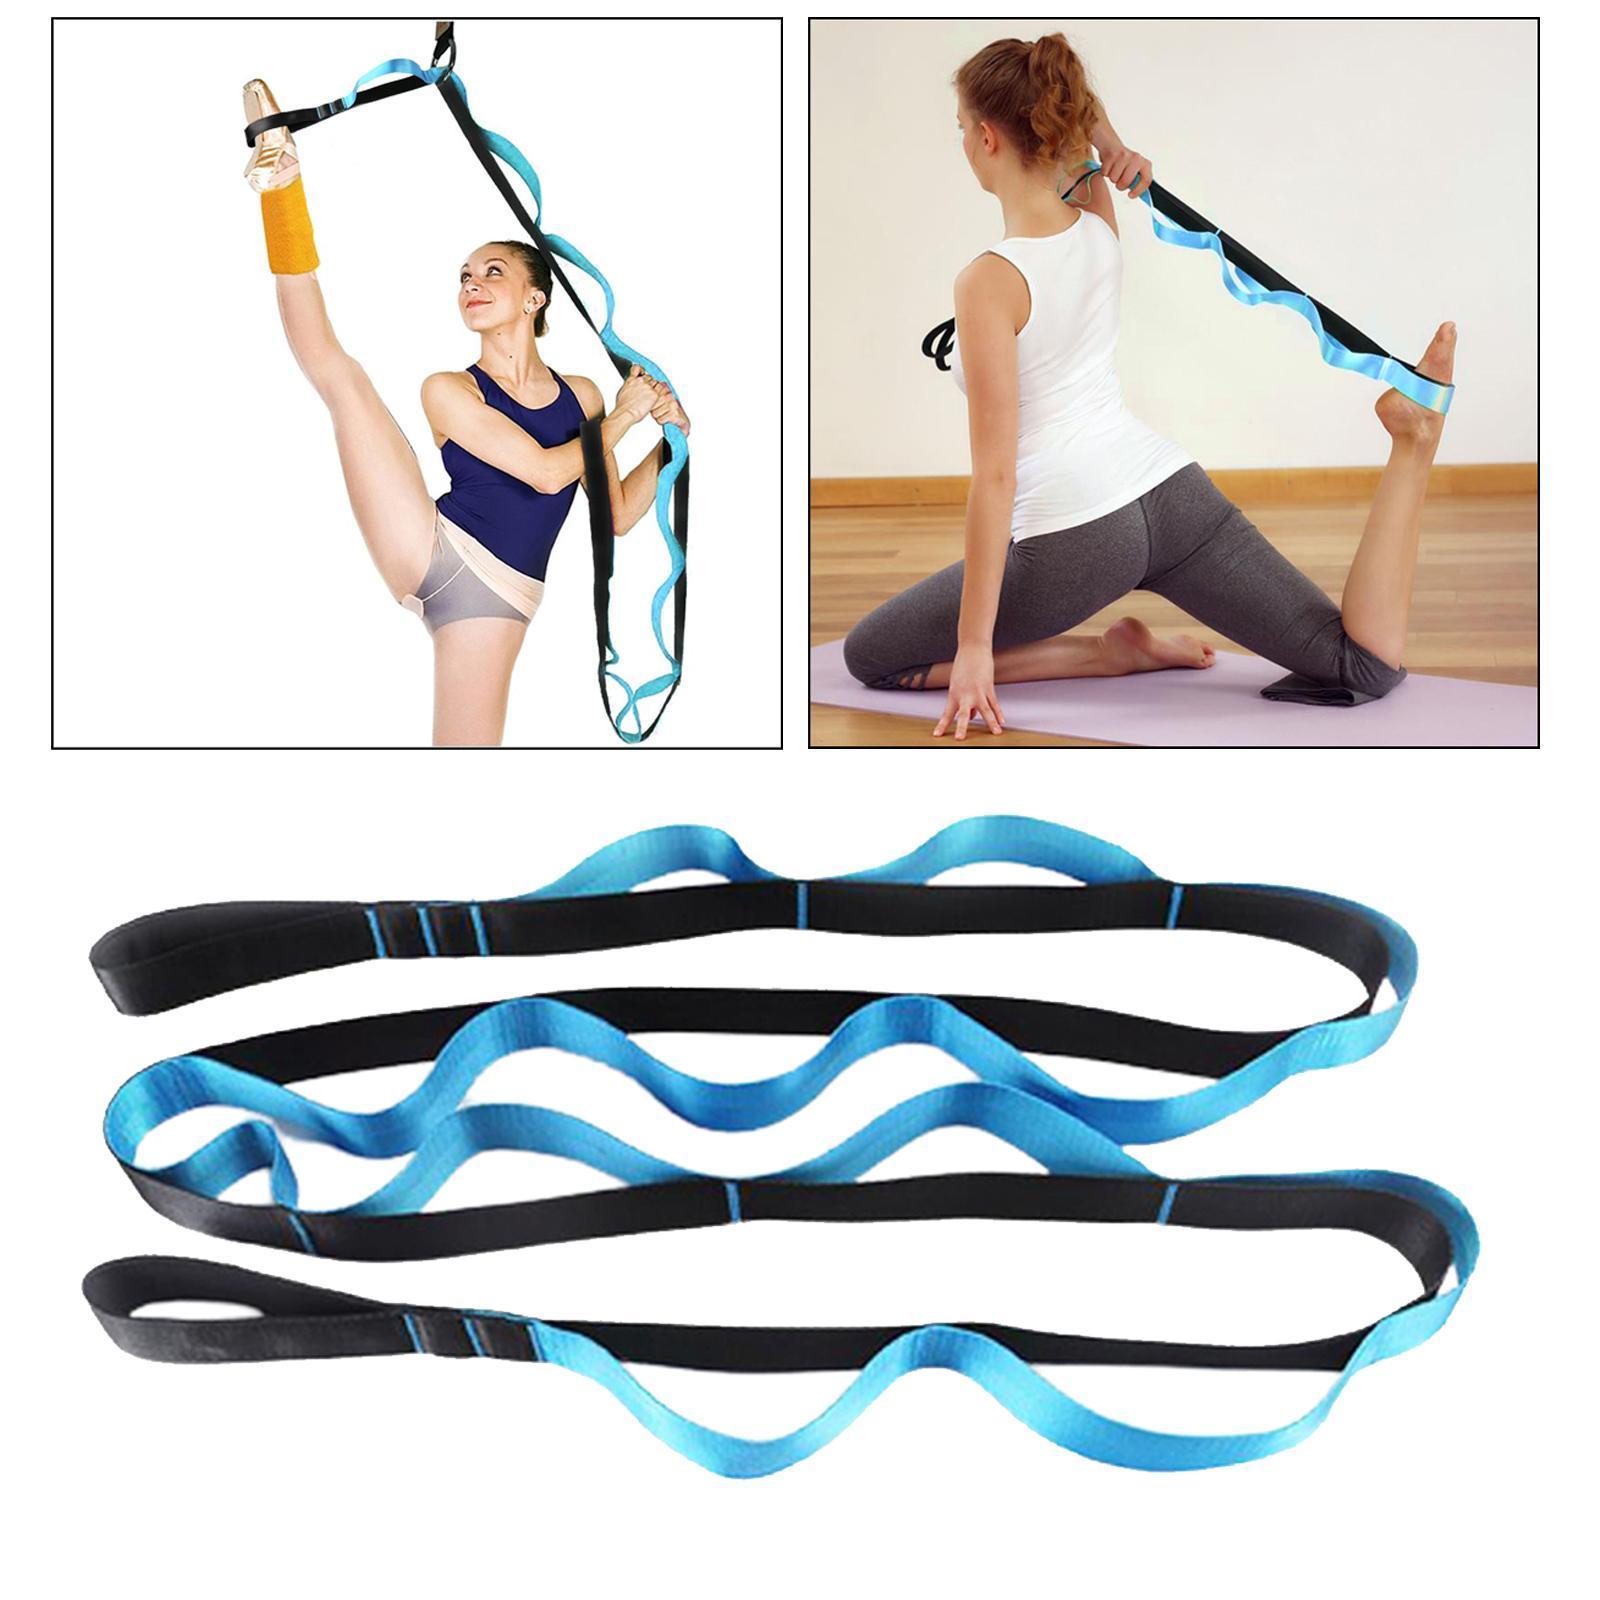 miniatura 7 - Pierna camilla yoga Stretch Strap Latin Dance Gymnastic pull cinturón flexibilidad